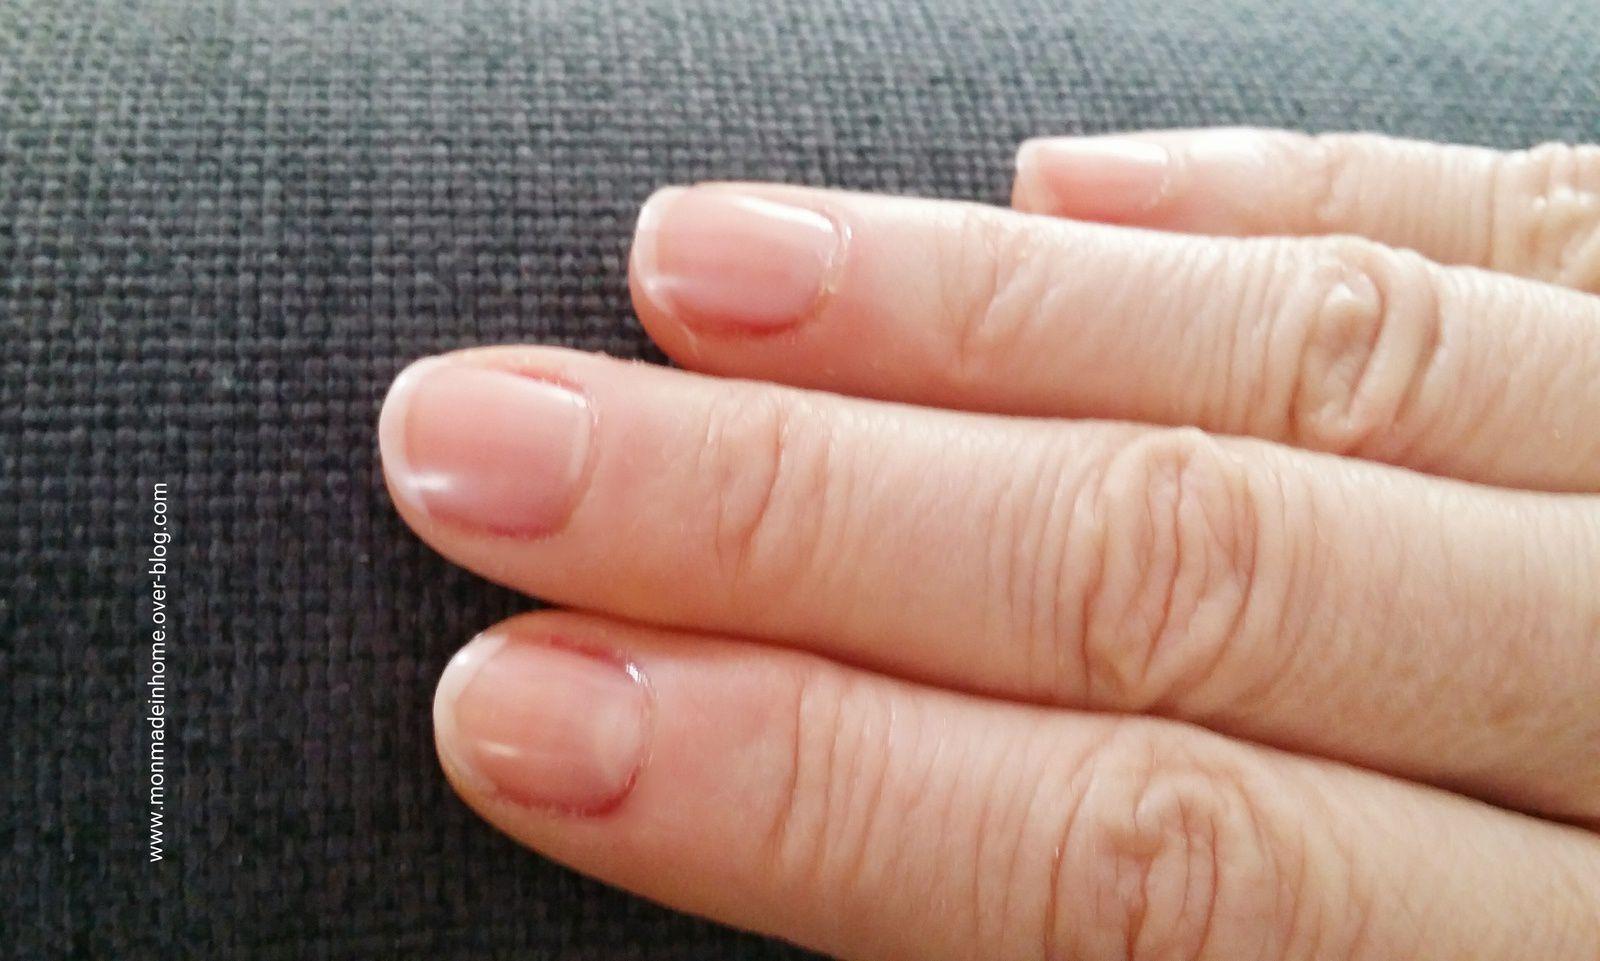 Naturel, n'est ce pas ?  Pourtant,  au naturel,  mes ongles ne rendent pas comme cela....